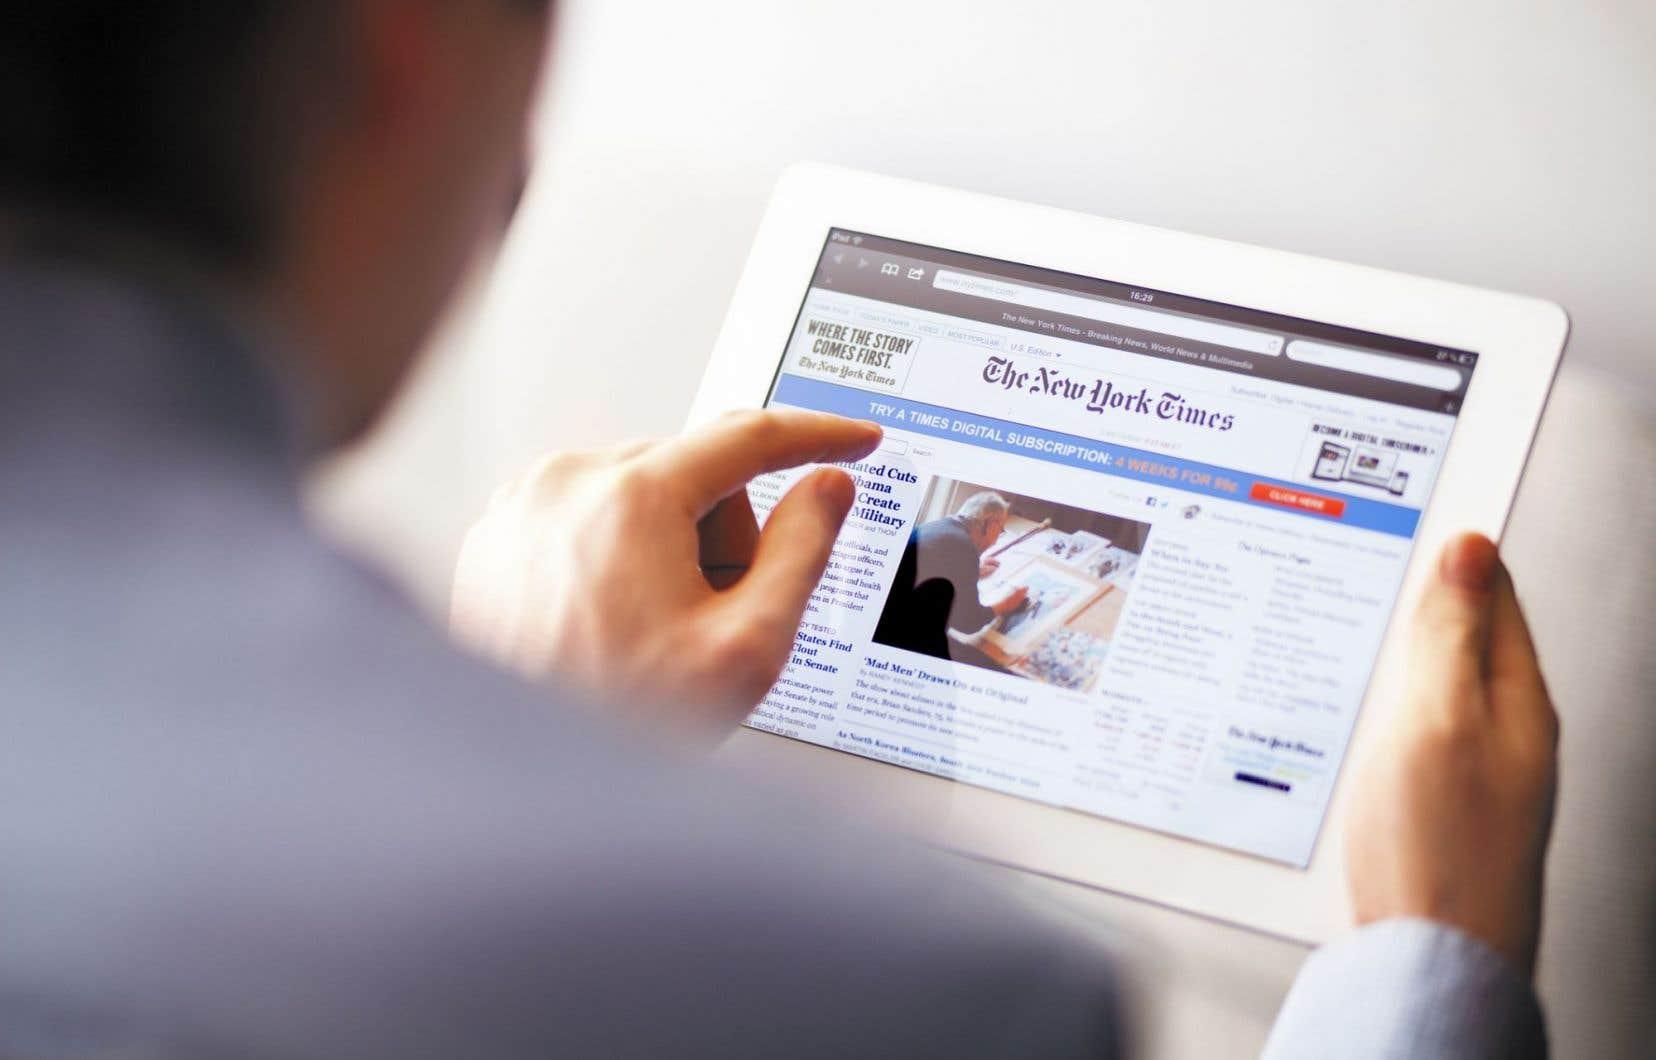 Le «New York Times» avait gagné, en net, 296000 abonnés en ligne sur les trois derniers mois de 2016 et 348000 au premier trimestre 2017.